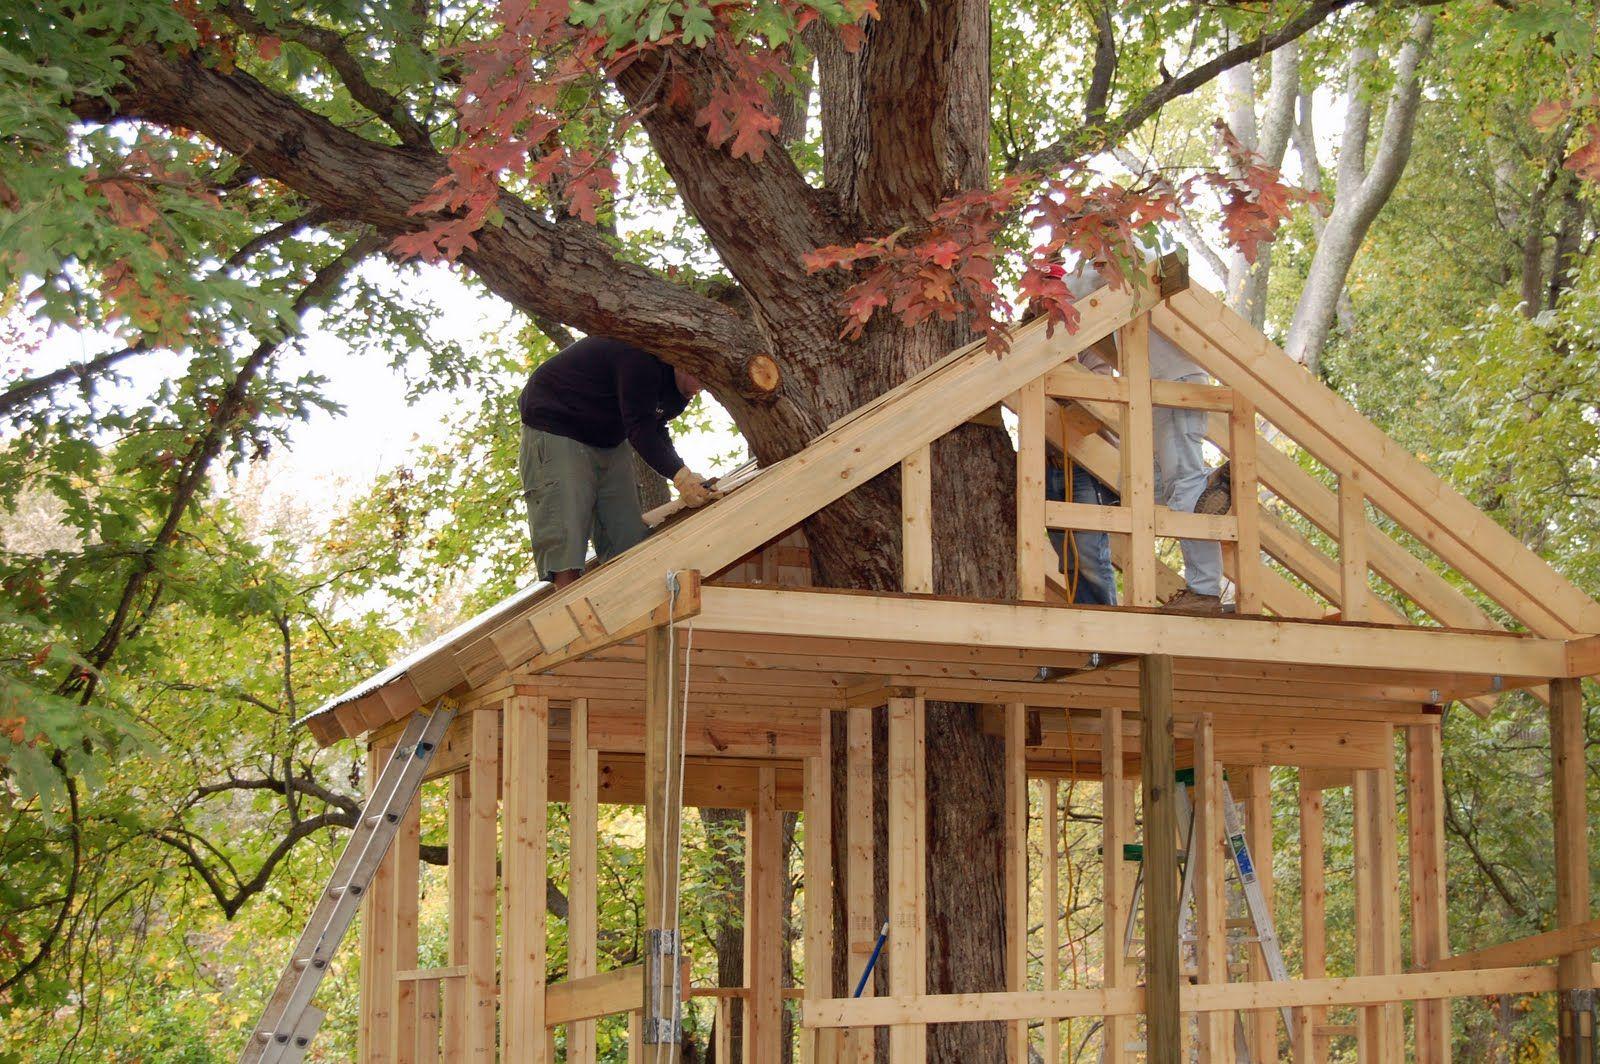 tree house plans projets essayer pinterest maison dans les arbres cabane et maison. Black Bedroom Furniture Sets. Home Design Ideas